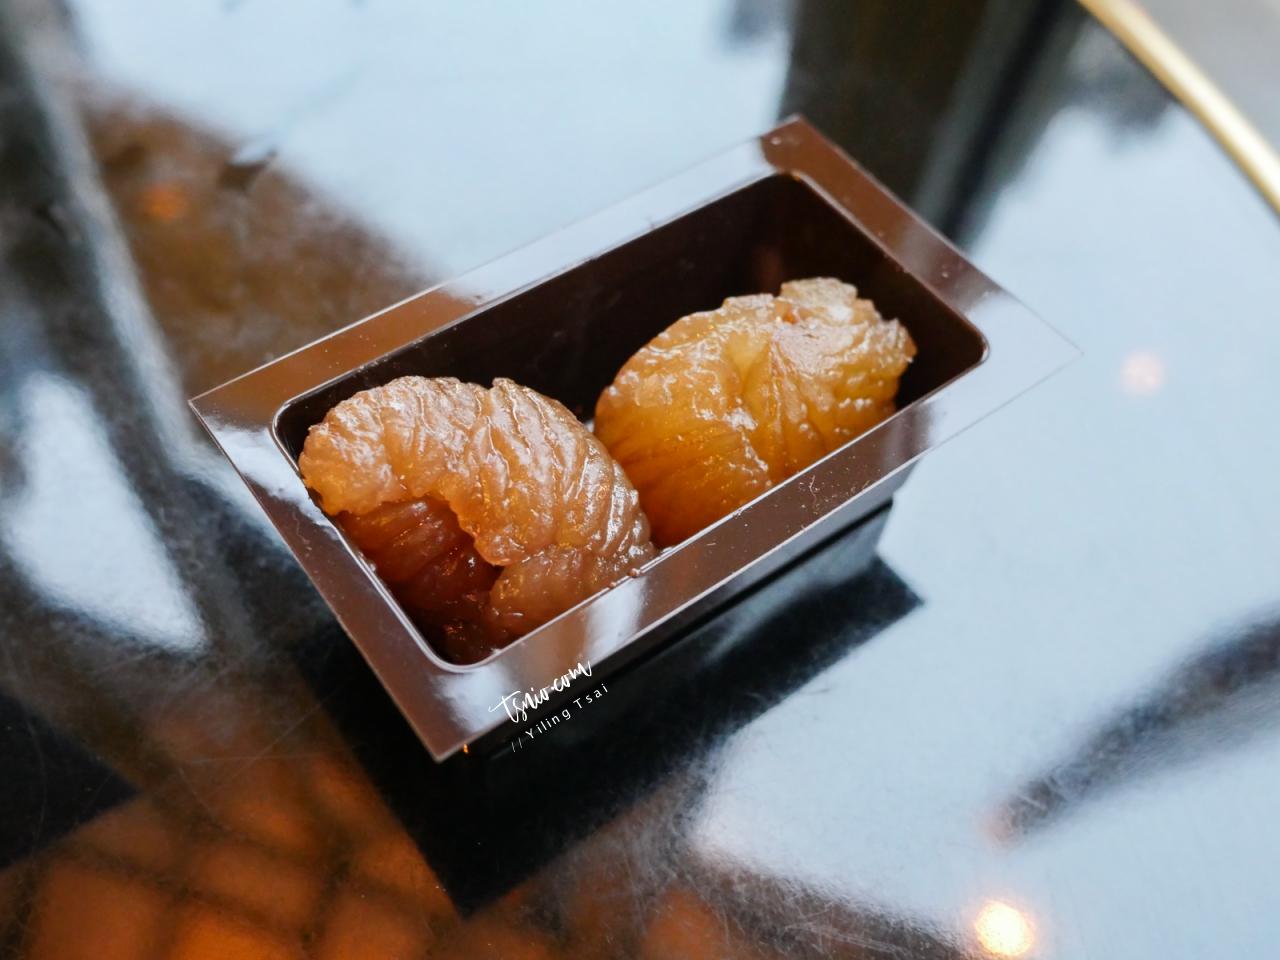 法國巴黎甜點推薦 Jean-Paul Hévin 法國頂級巧克力精品